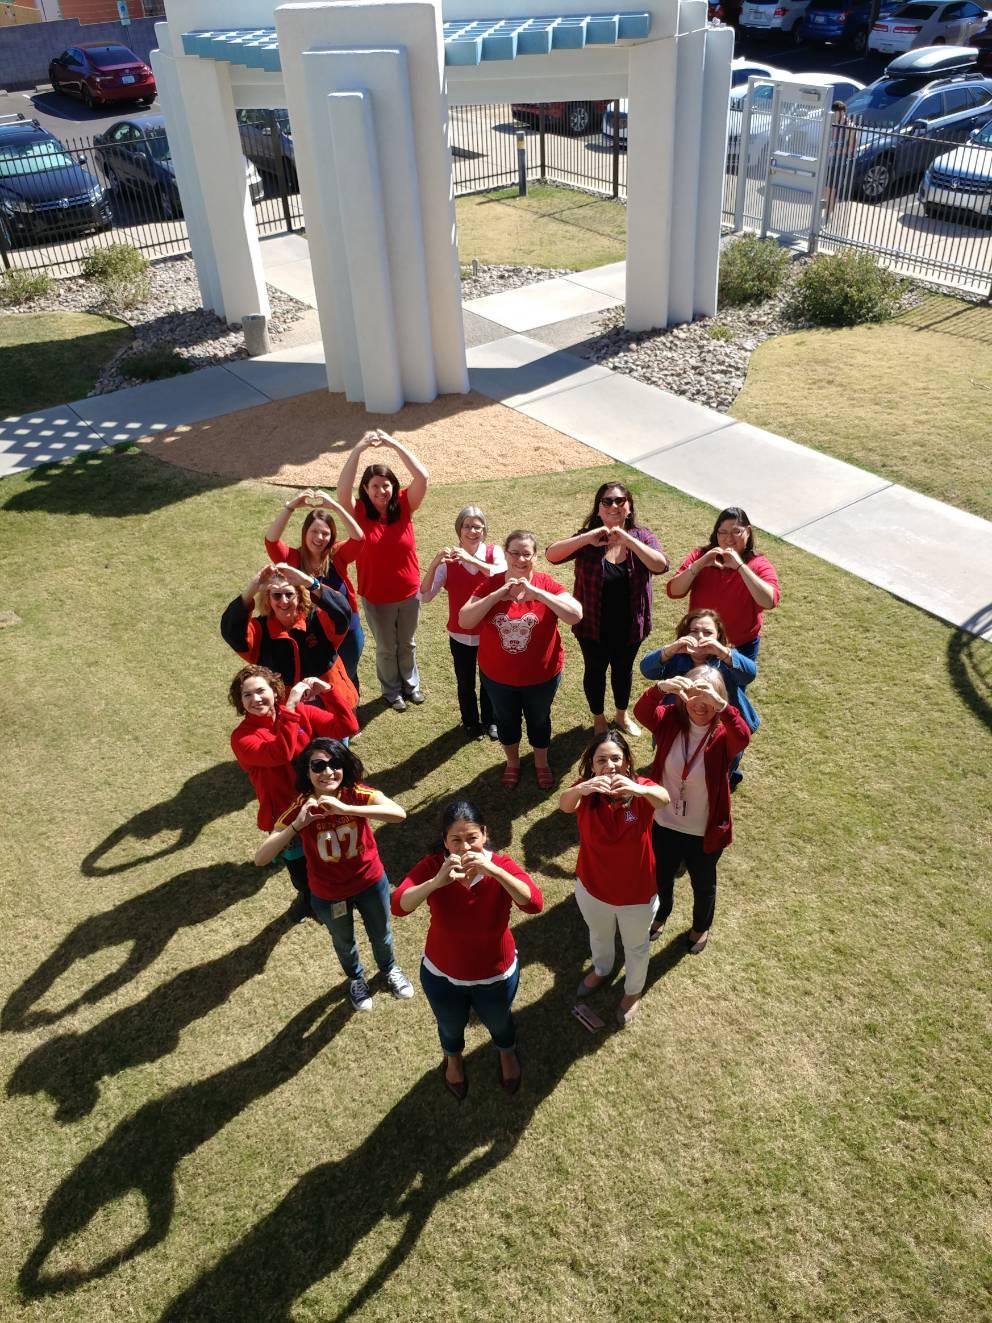 UArizona Walk Across Arizona participants hearts